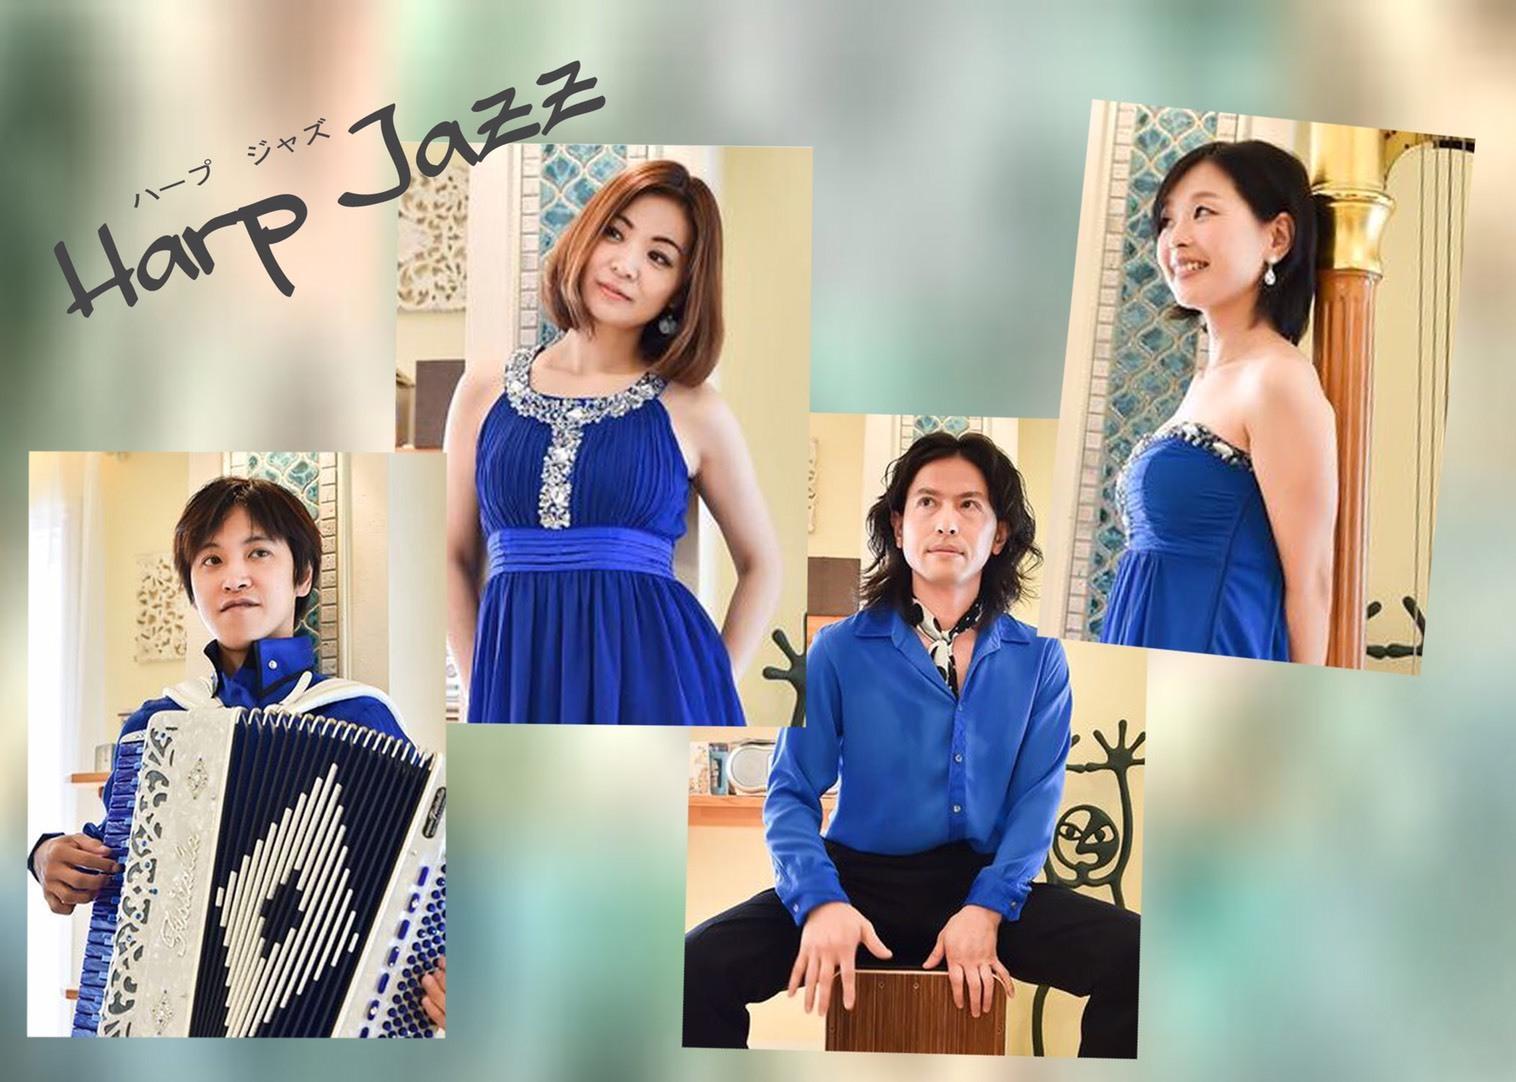 異色の音楽集団「Harp Jazz」の、アルバム制作キャンペーン